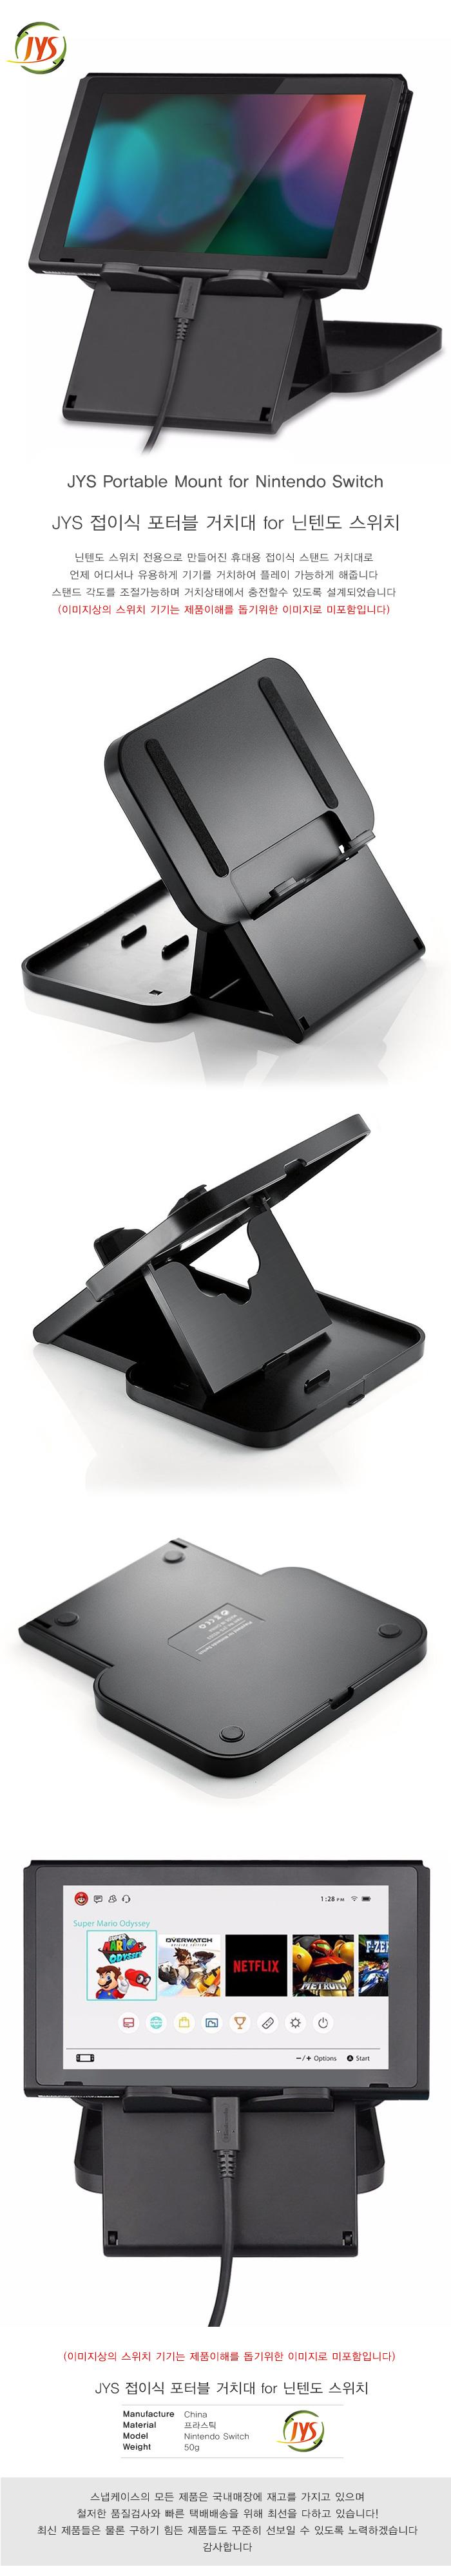 JYS 닌텐도스위치 접이식 포터블 거치대 스탠드9,800원-스냅케이스, , , 바보사랑JYS 닌텐도스위치 접이식 포터블 거치대 스탠드9,800원-스냅케이스, , , 바보사랑